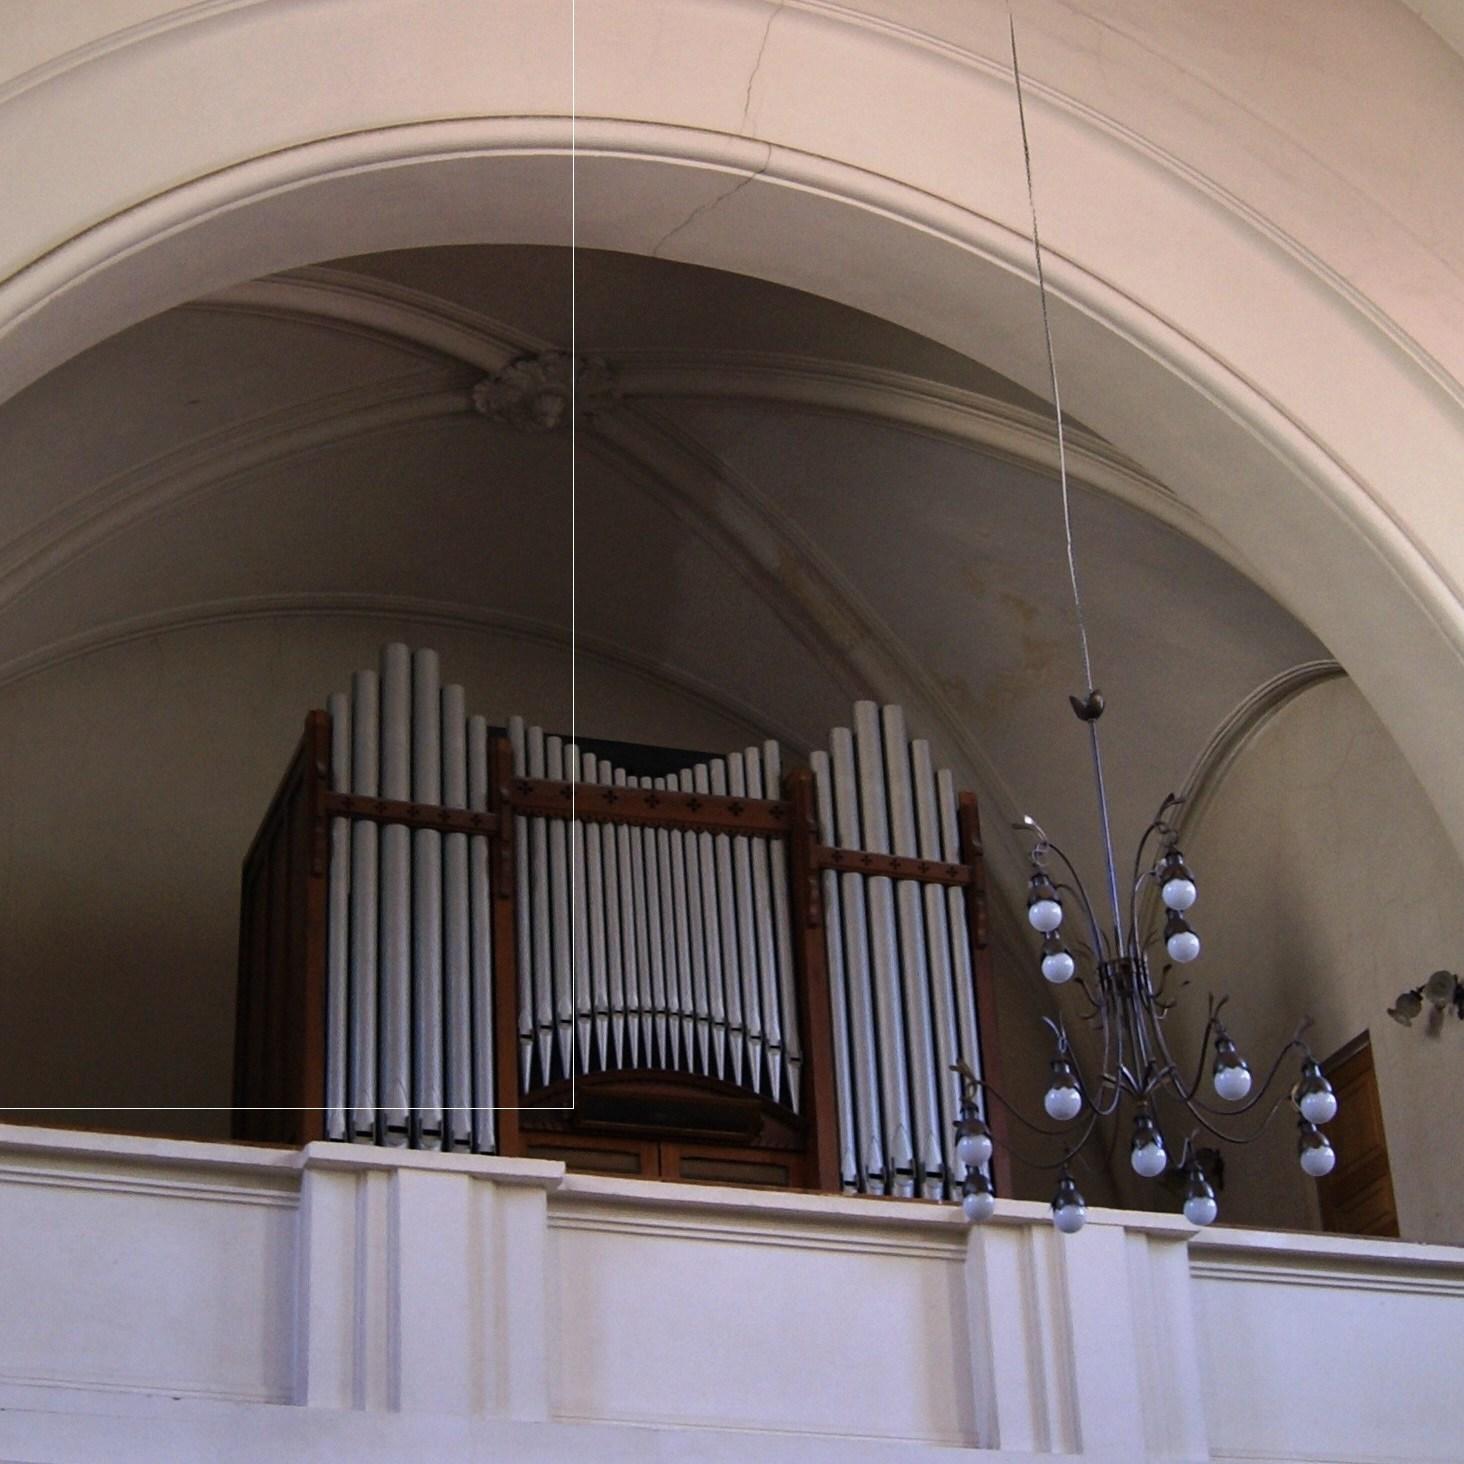 Органный концерт «Путешествие порадуге: барокко иромантизм» соскидкой50%